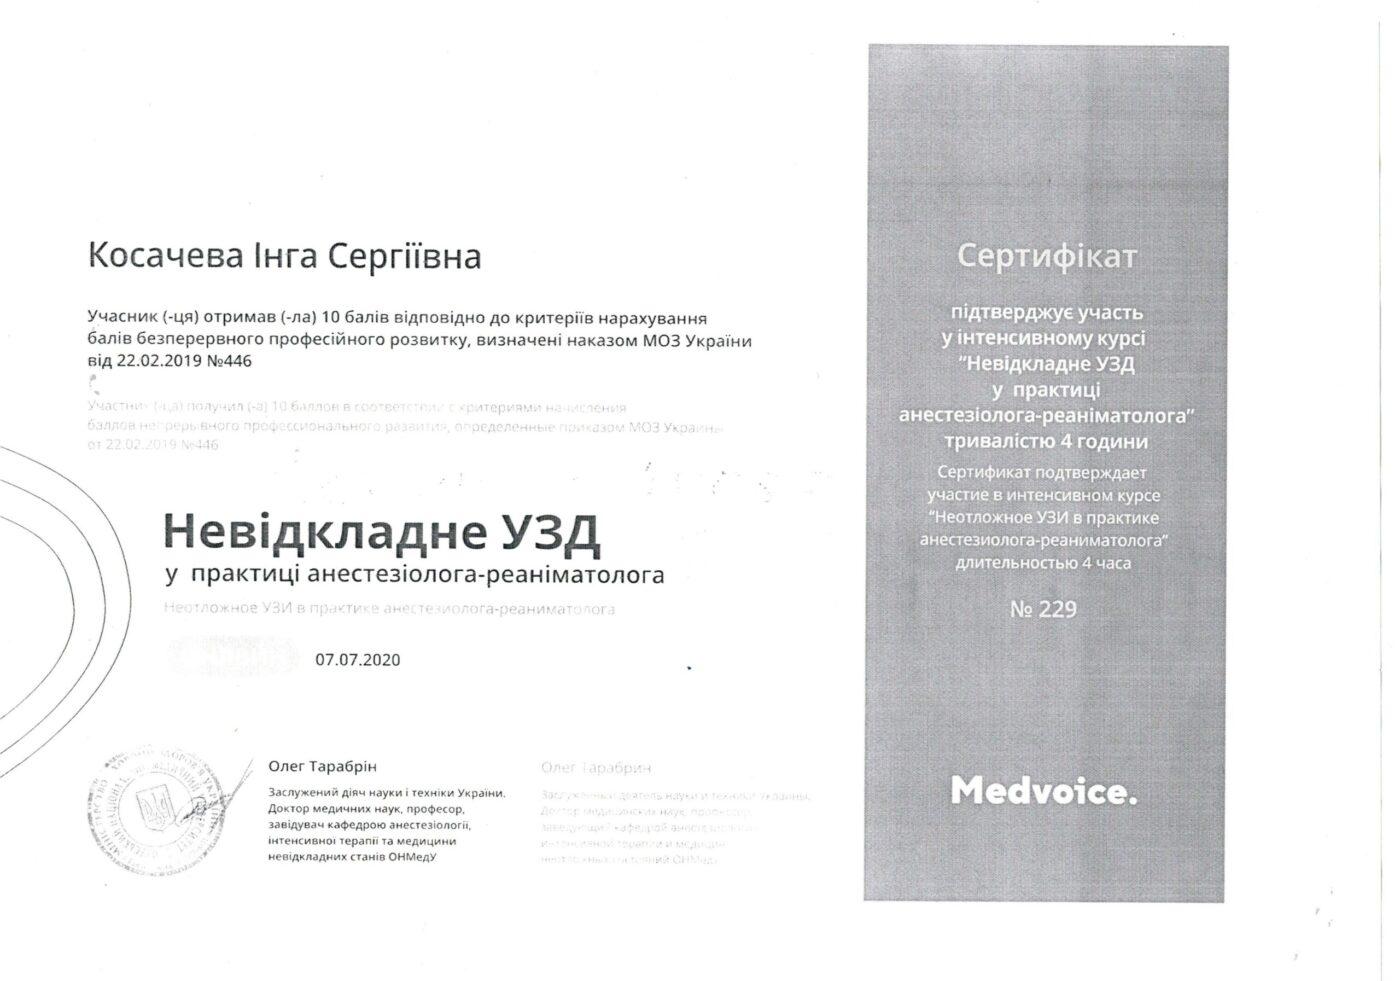 Сертификат подтверждающий участие Косачевой Инги в курсе - Неотложное УЗД